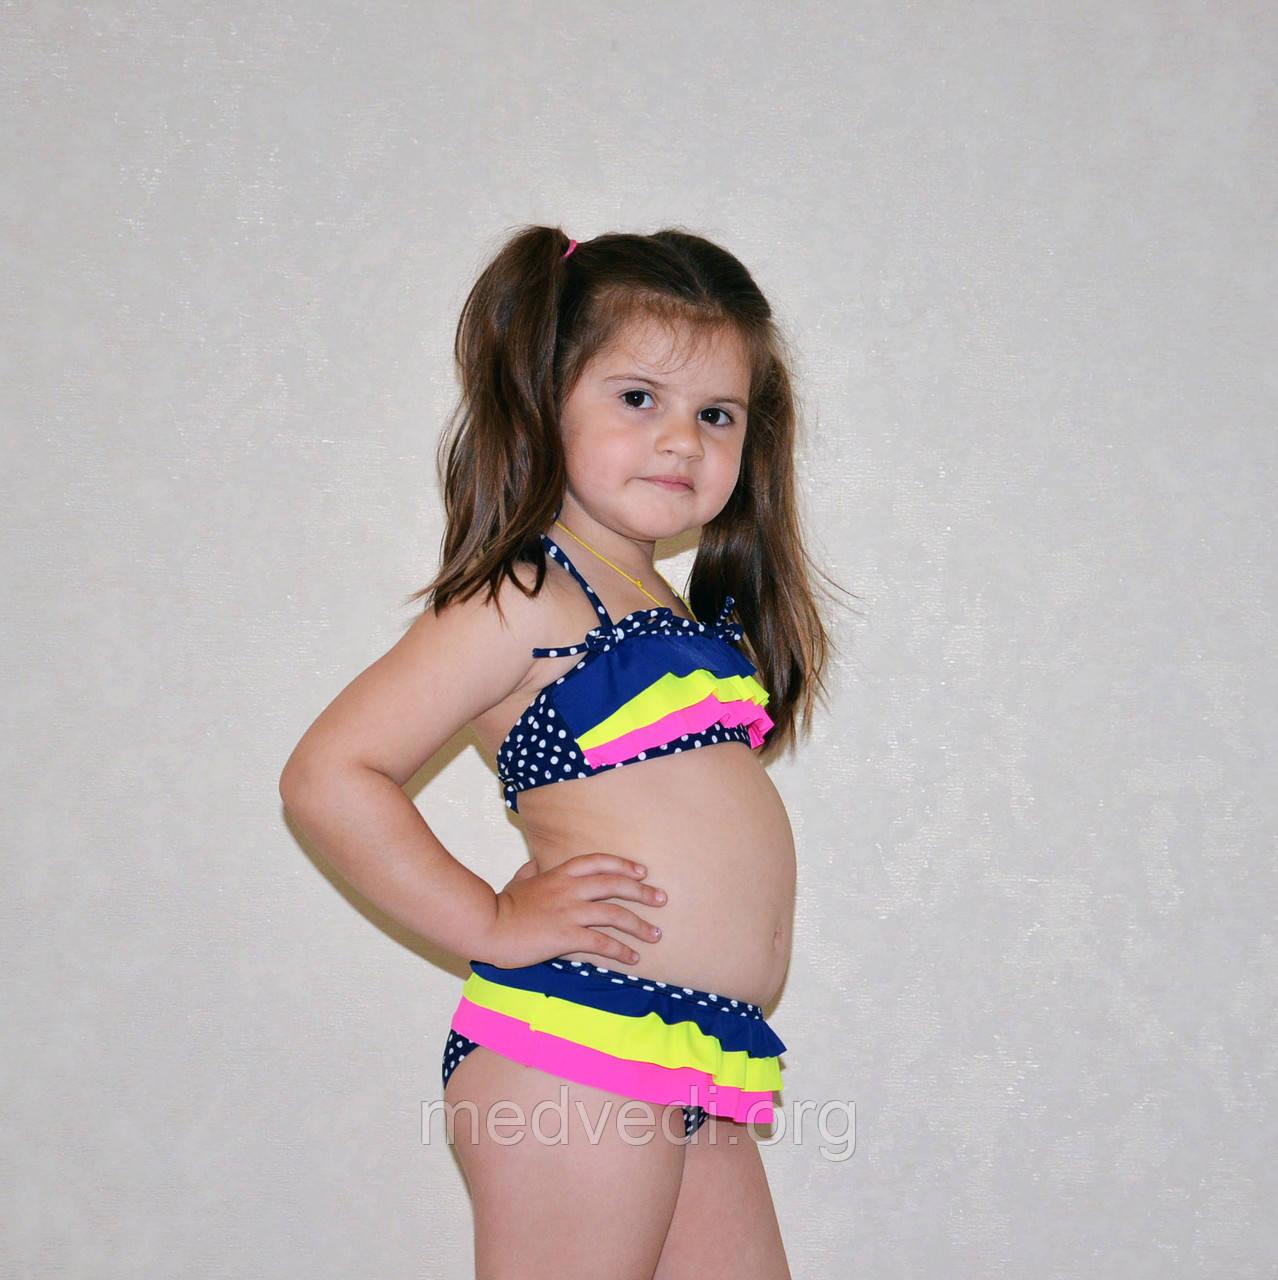 a307cb5798723 Раздельный детский купальник для девочки, синий, с рюшами, оборкой, в горох,